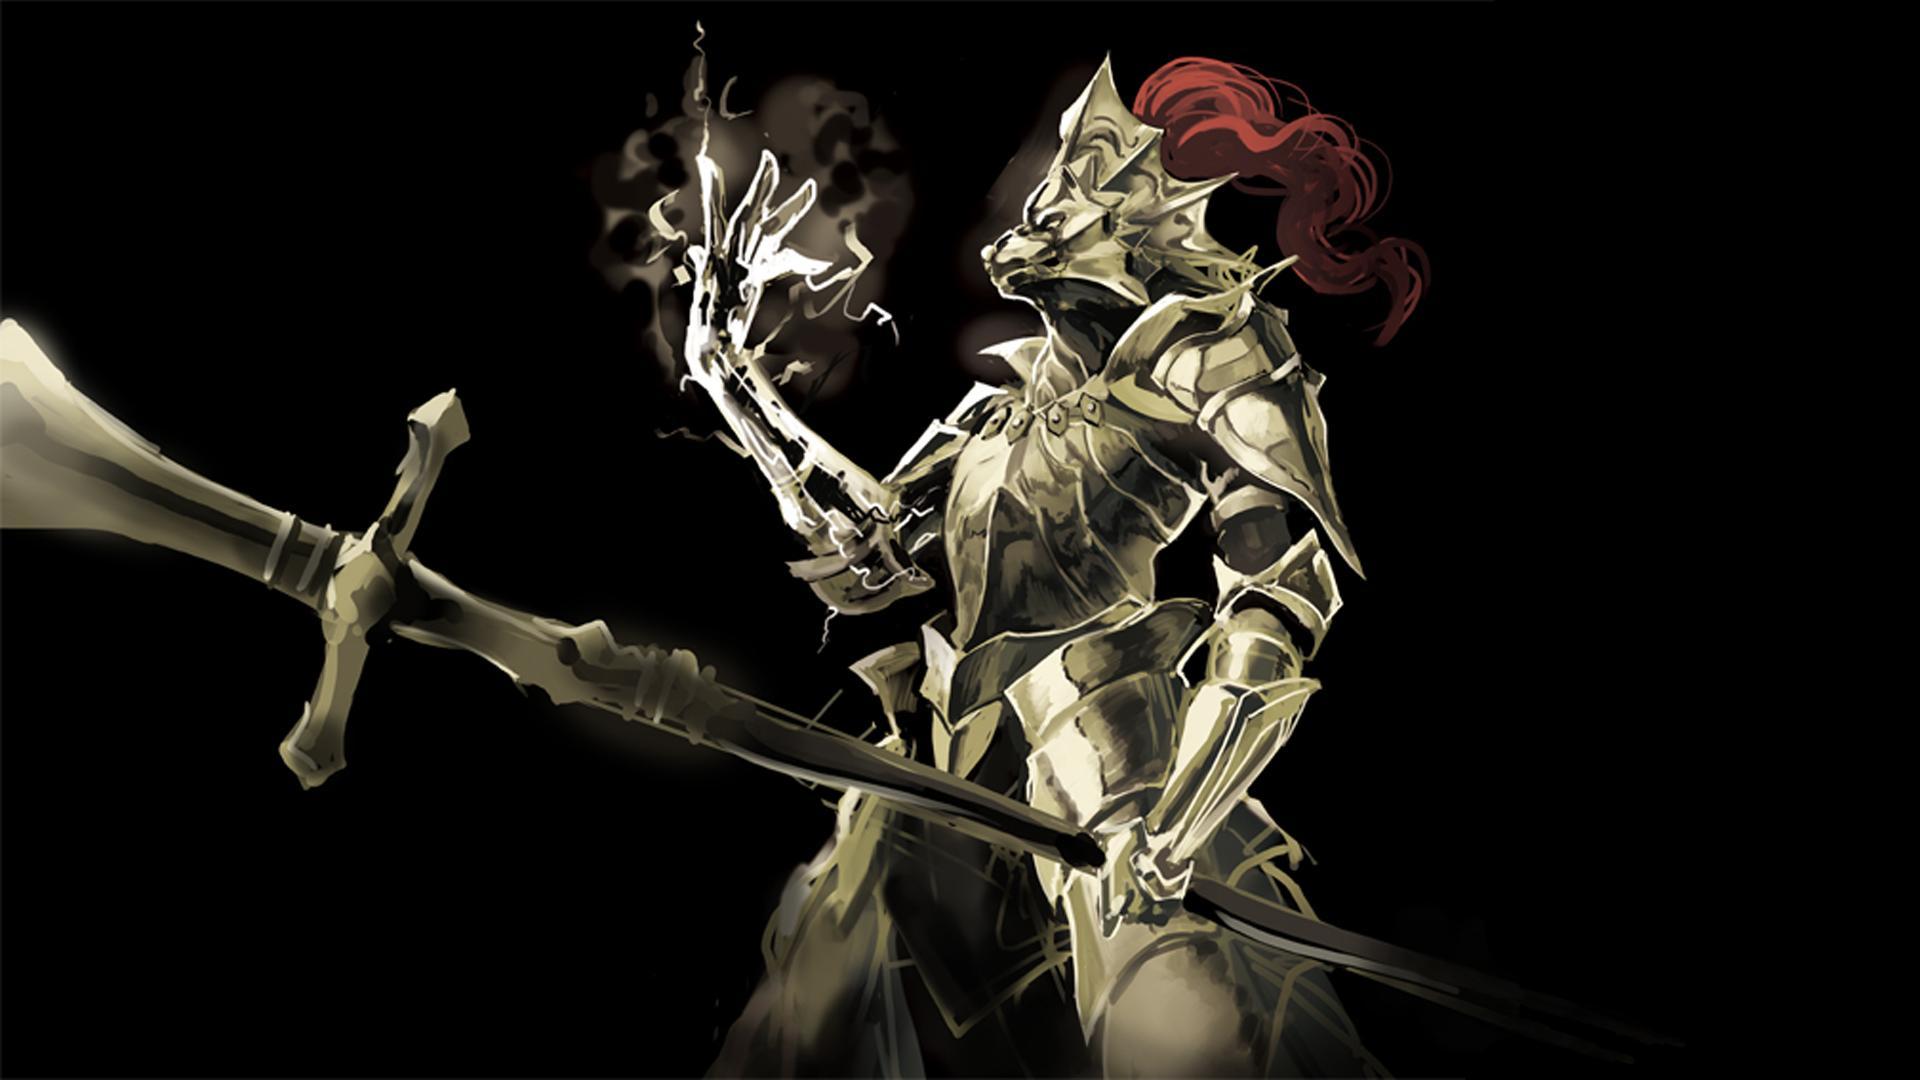 Dark Souls 1080p Wallpaper